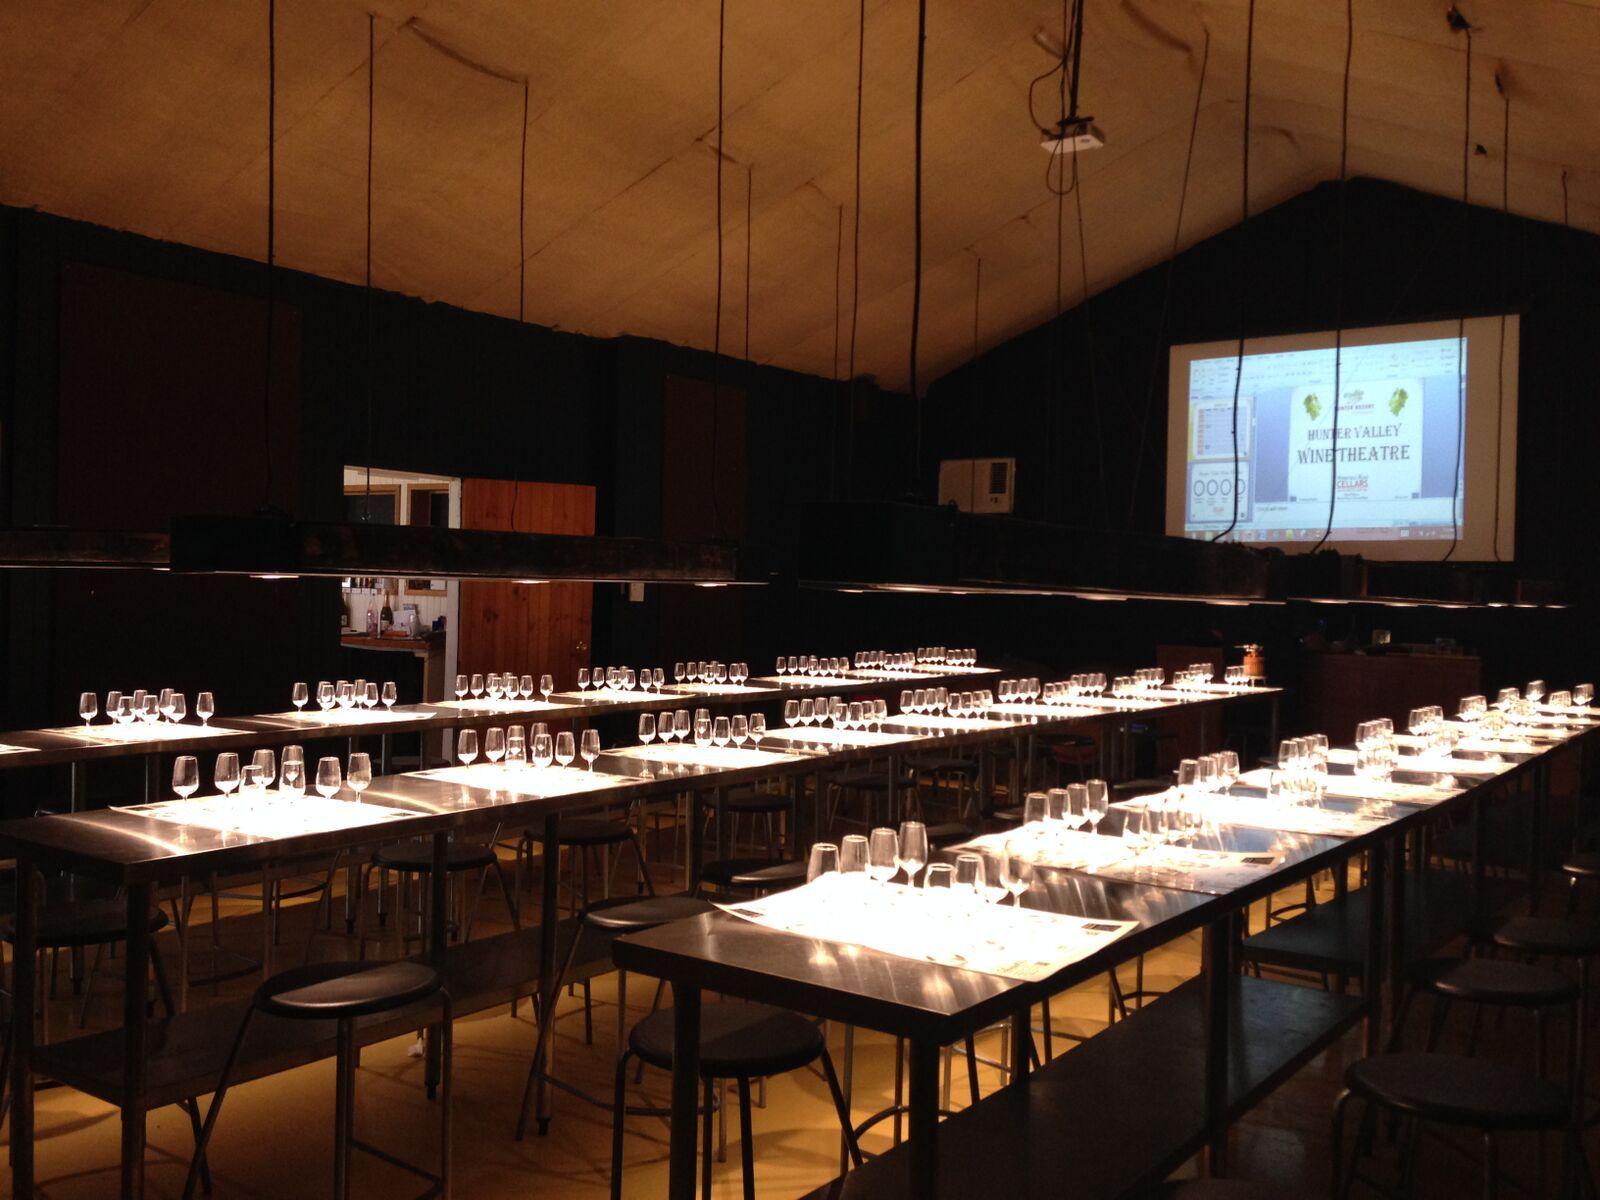 ワインシアターにてハンターバレーでのワイン造りについてスクリーンで学びます